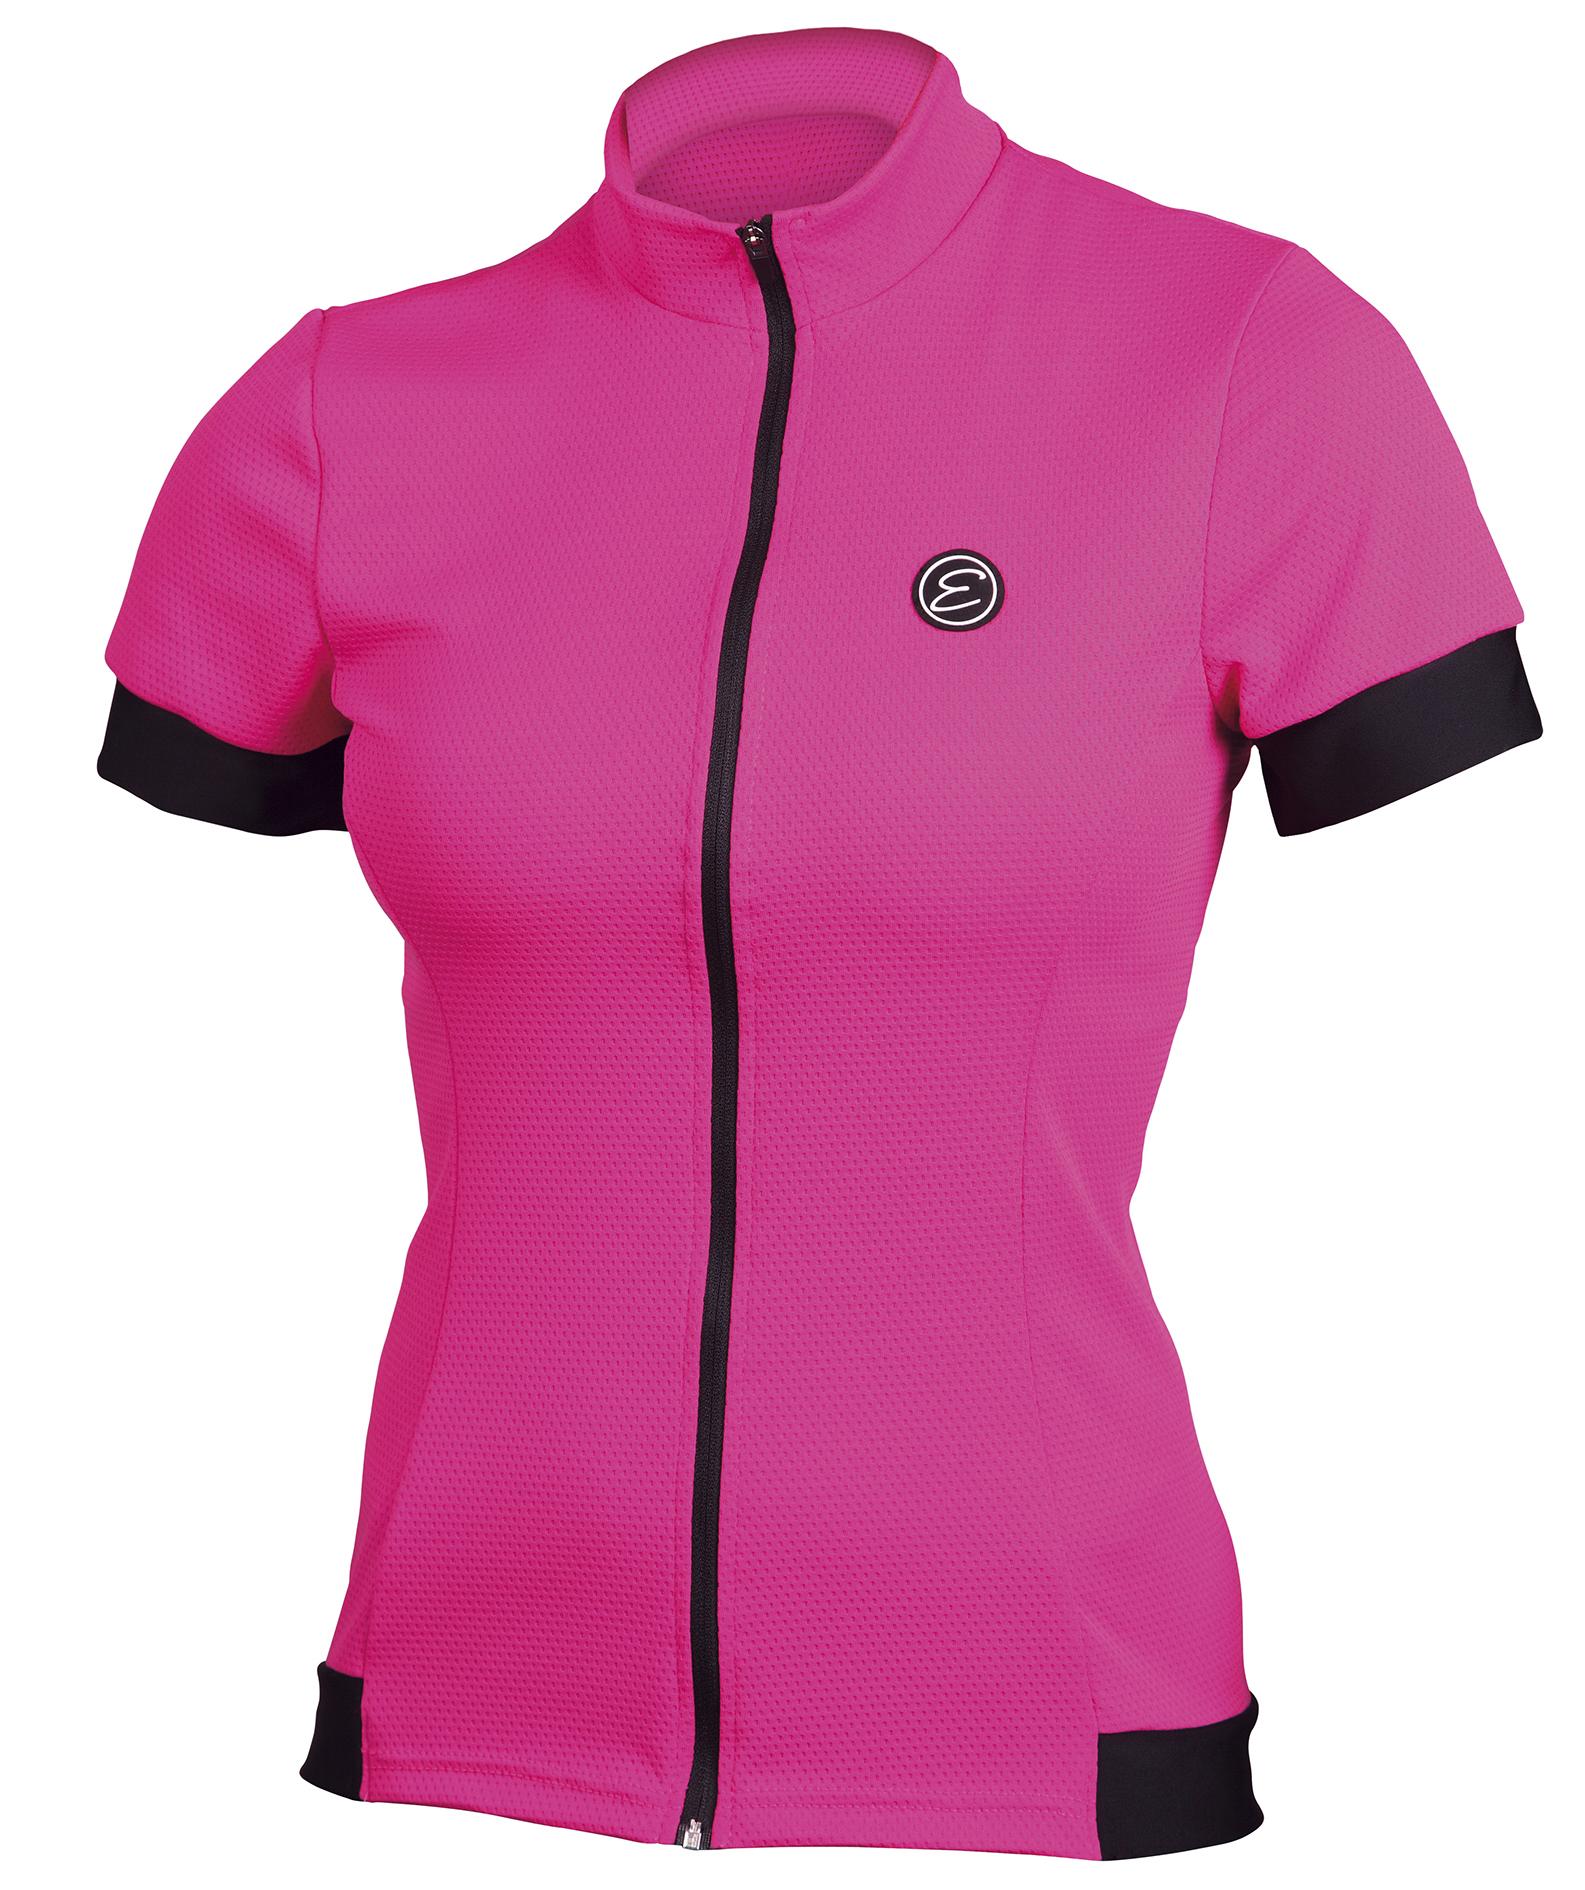 Dámský cyklistický dres ETAPE Donna, vel. S, růžová, model 2017 (Dámský dres Etape, dlouhý přední zip)